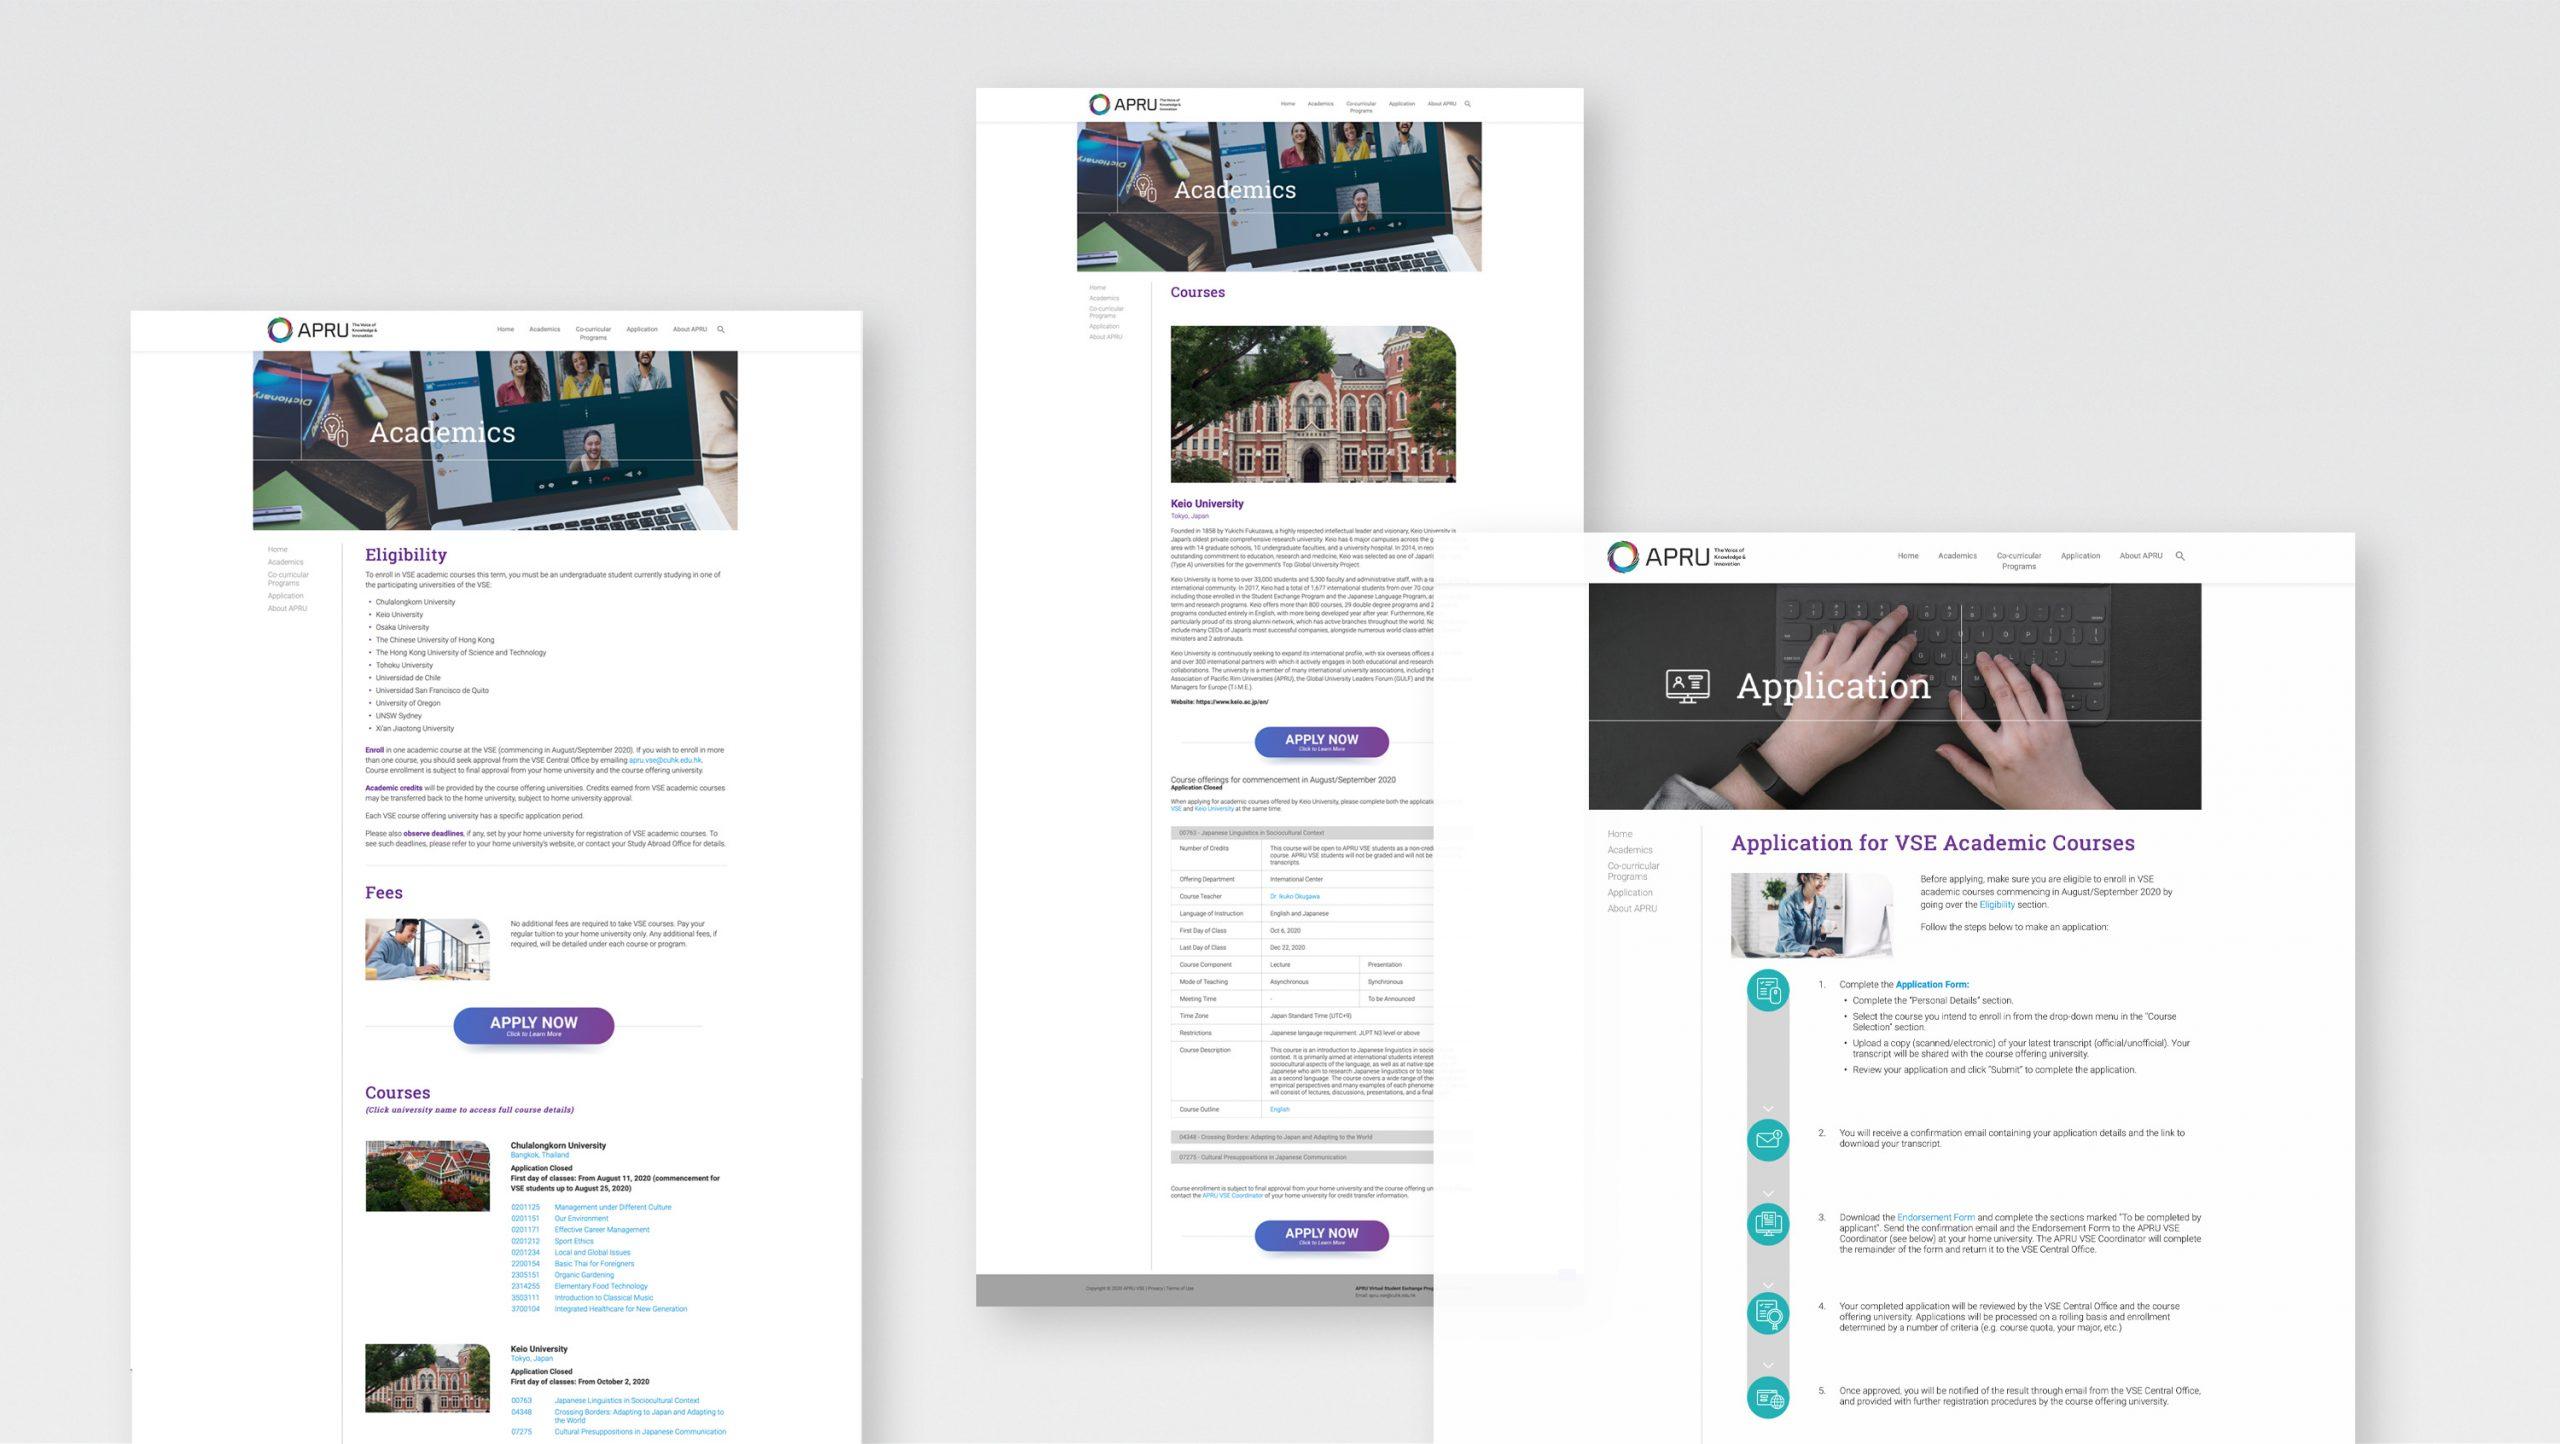 CUHK APRU Website